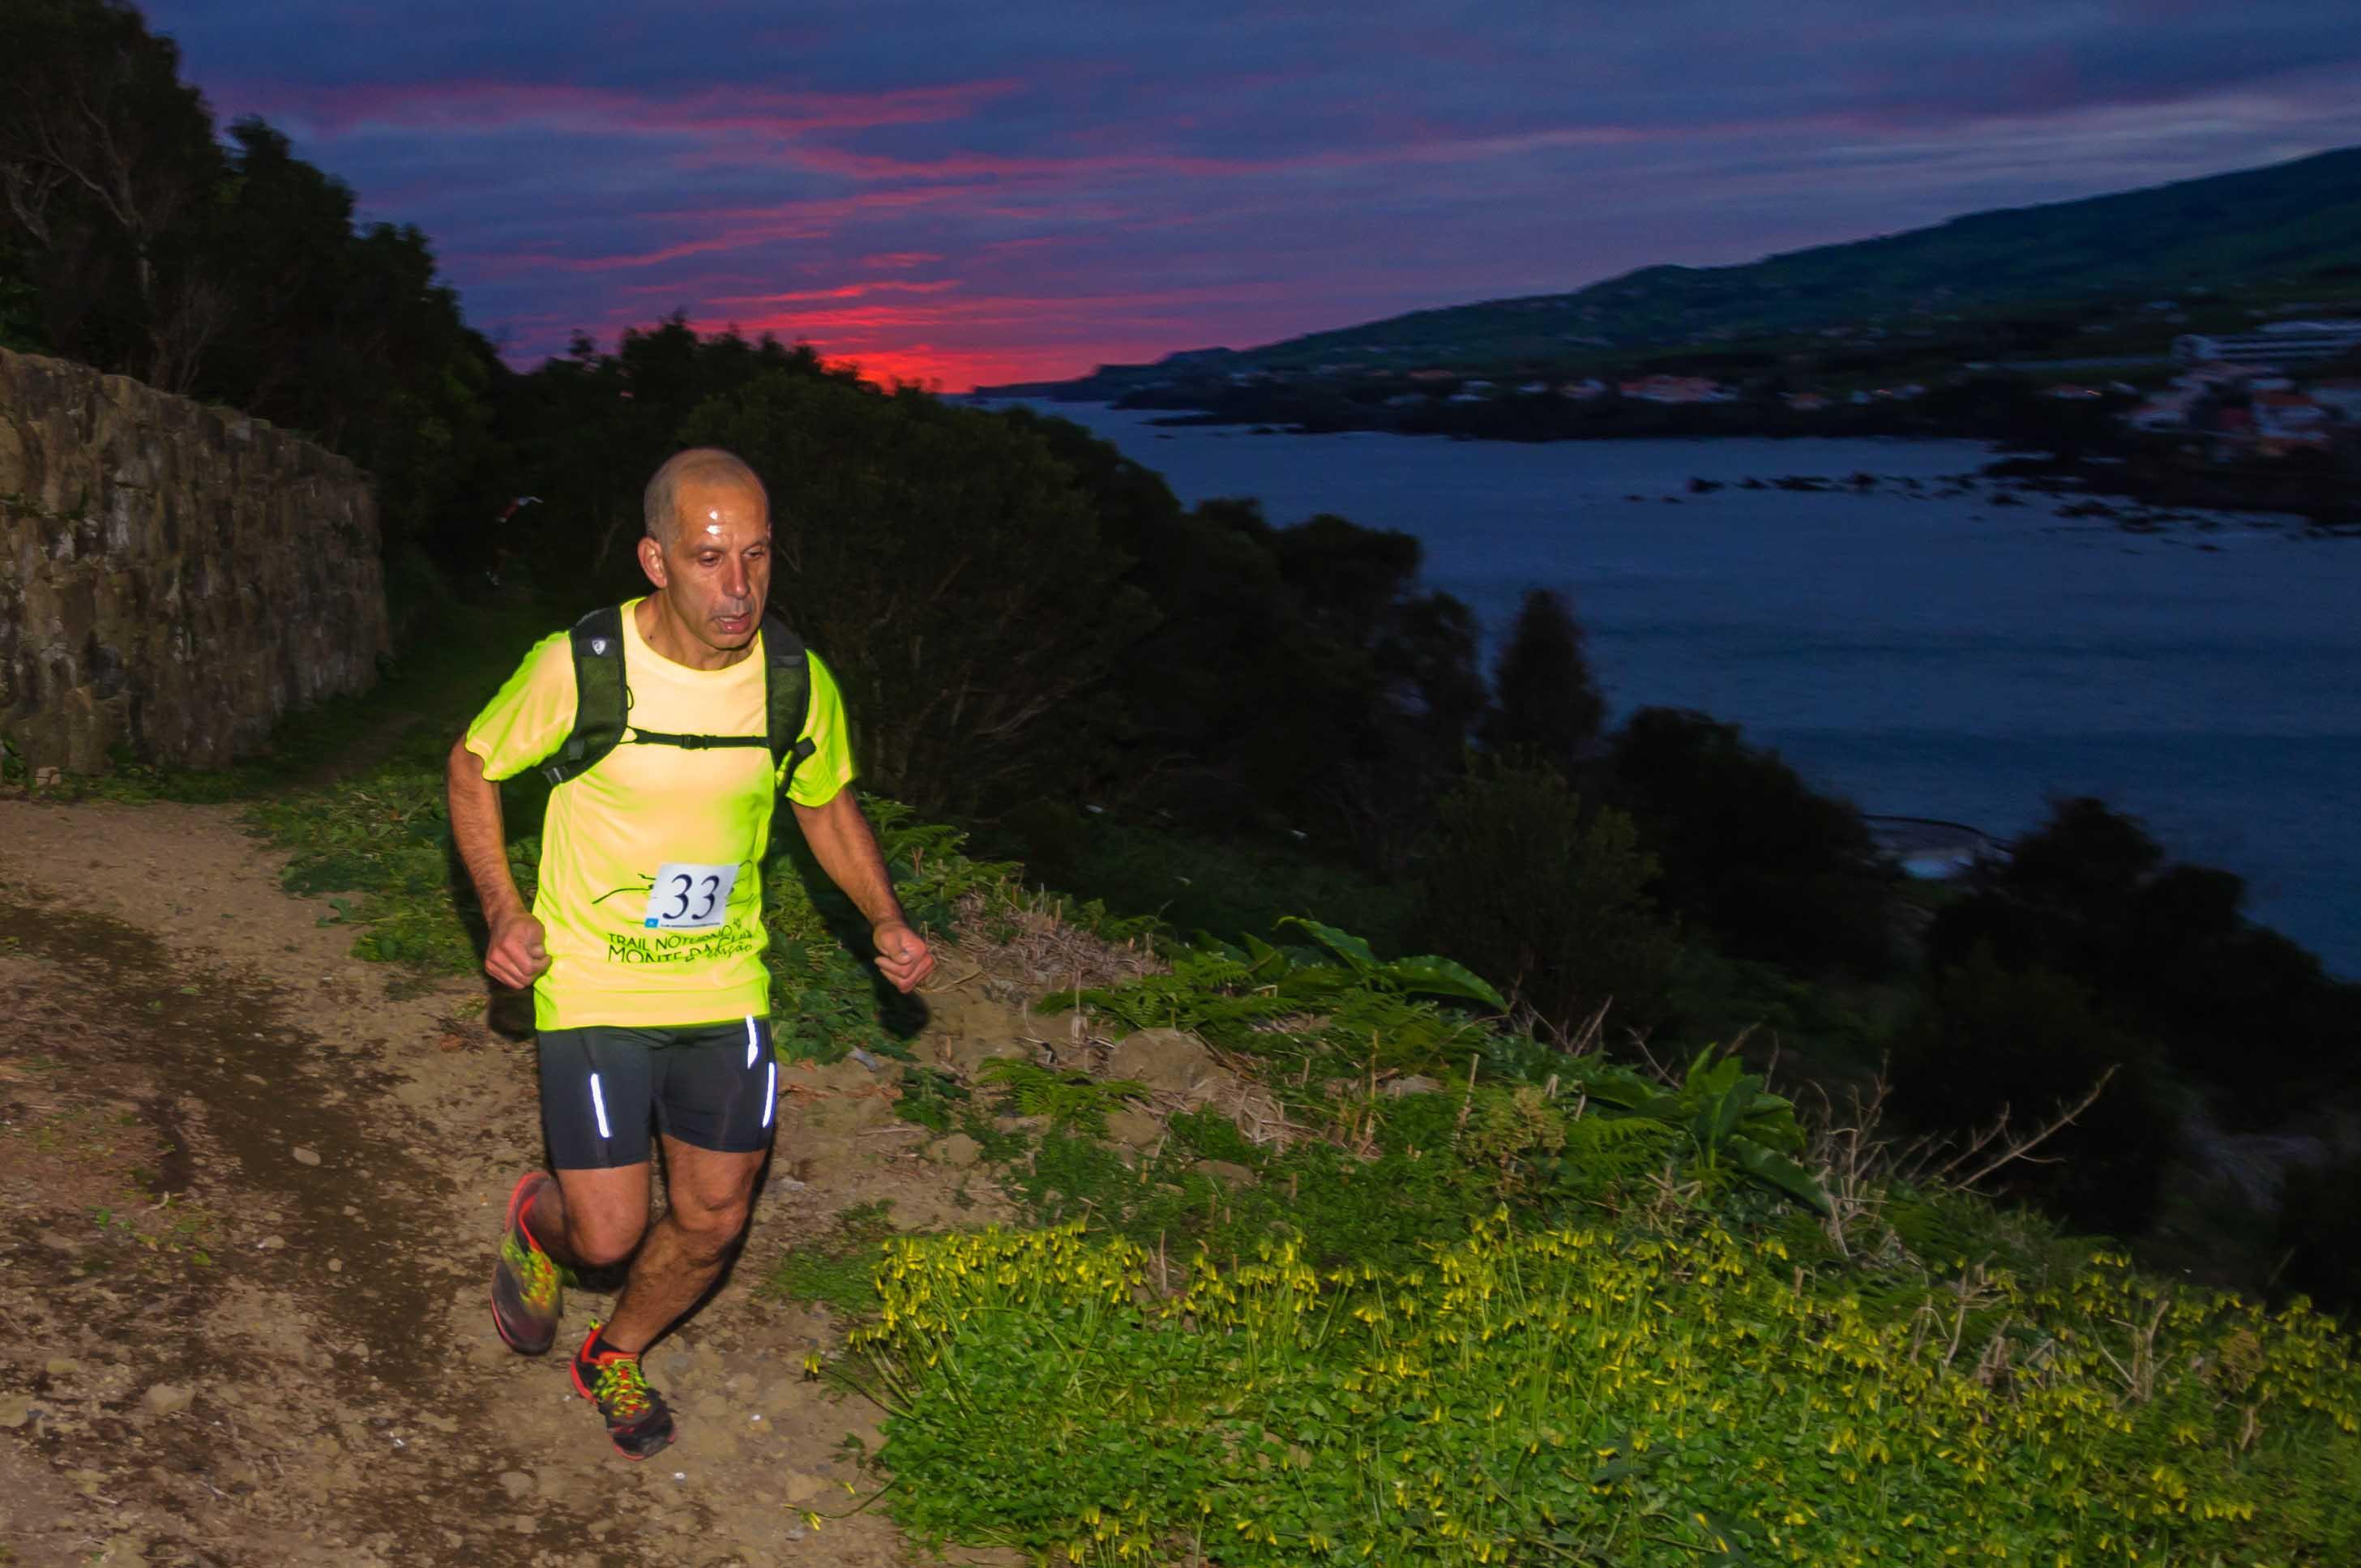 Primeiro trilho com sinalética específica para a prática do 'trail running' vai ser inaugurado no Faial